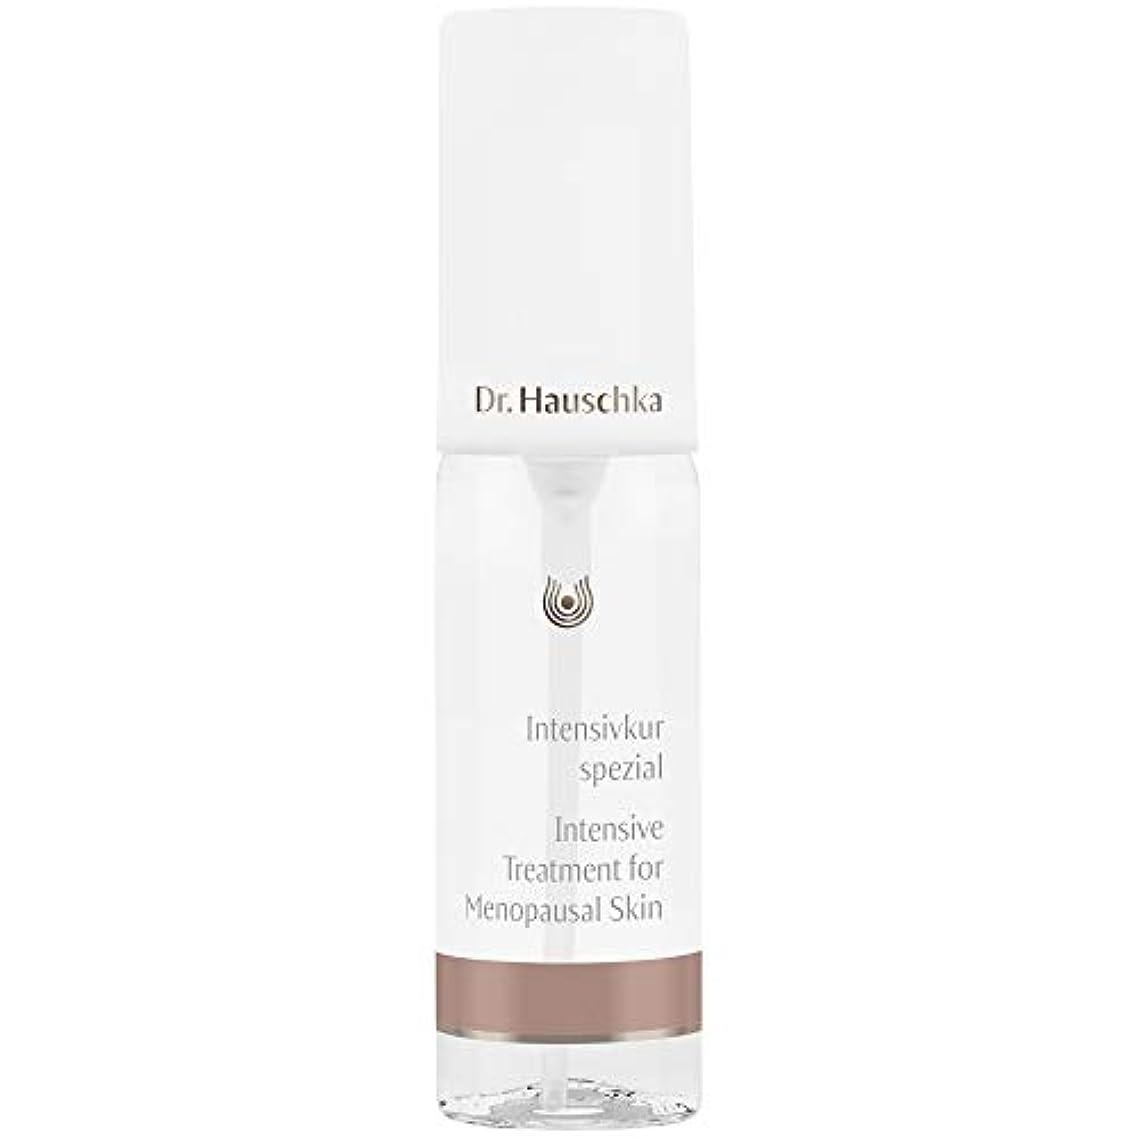 毛皮先見の明振るう[Dr Hauschka] 更年期の皮膚05 40ミリリットルのためのDrハウシュカ集中治療 - Dr Hauschka Intensive Treatment for Menopausal Skin 05 40ml [...